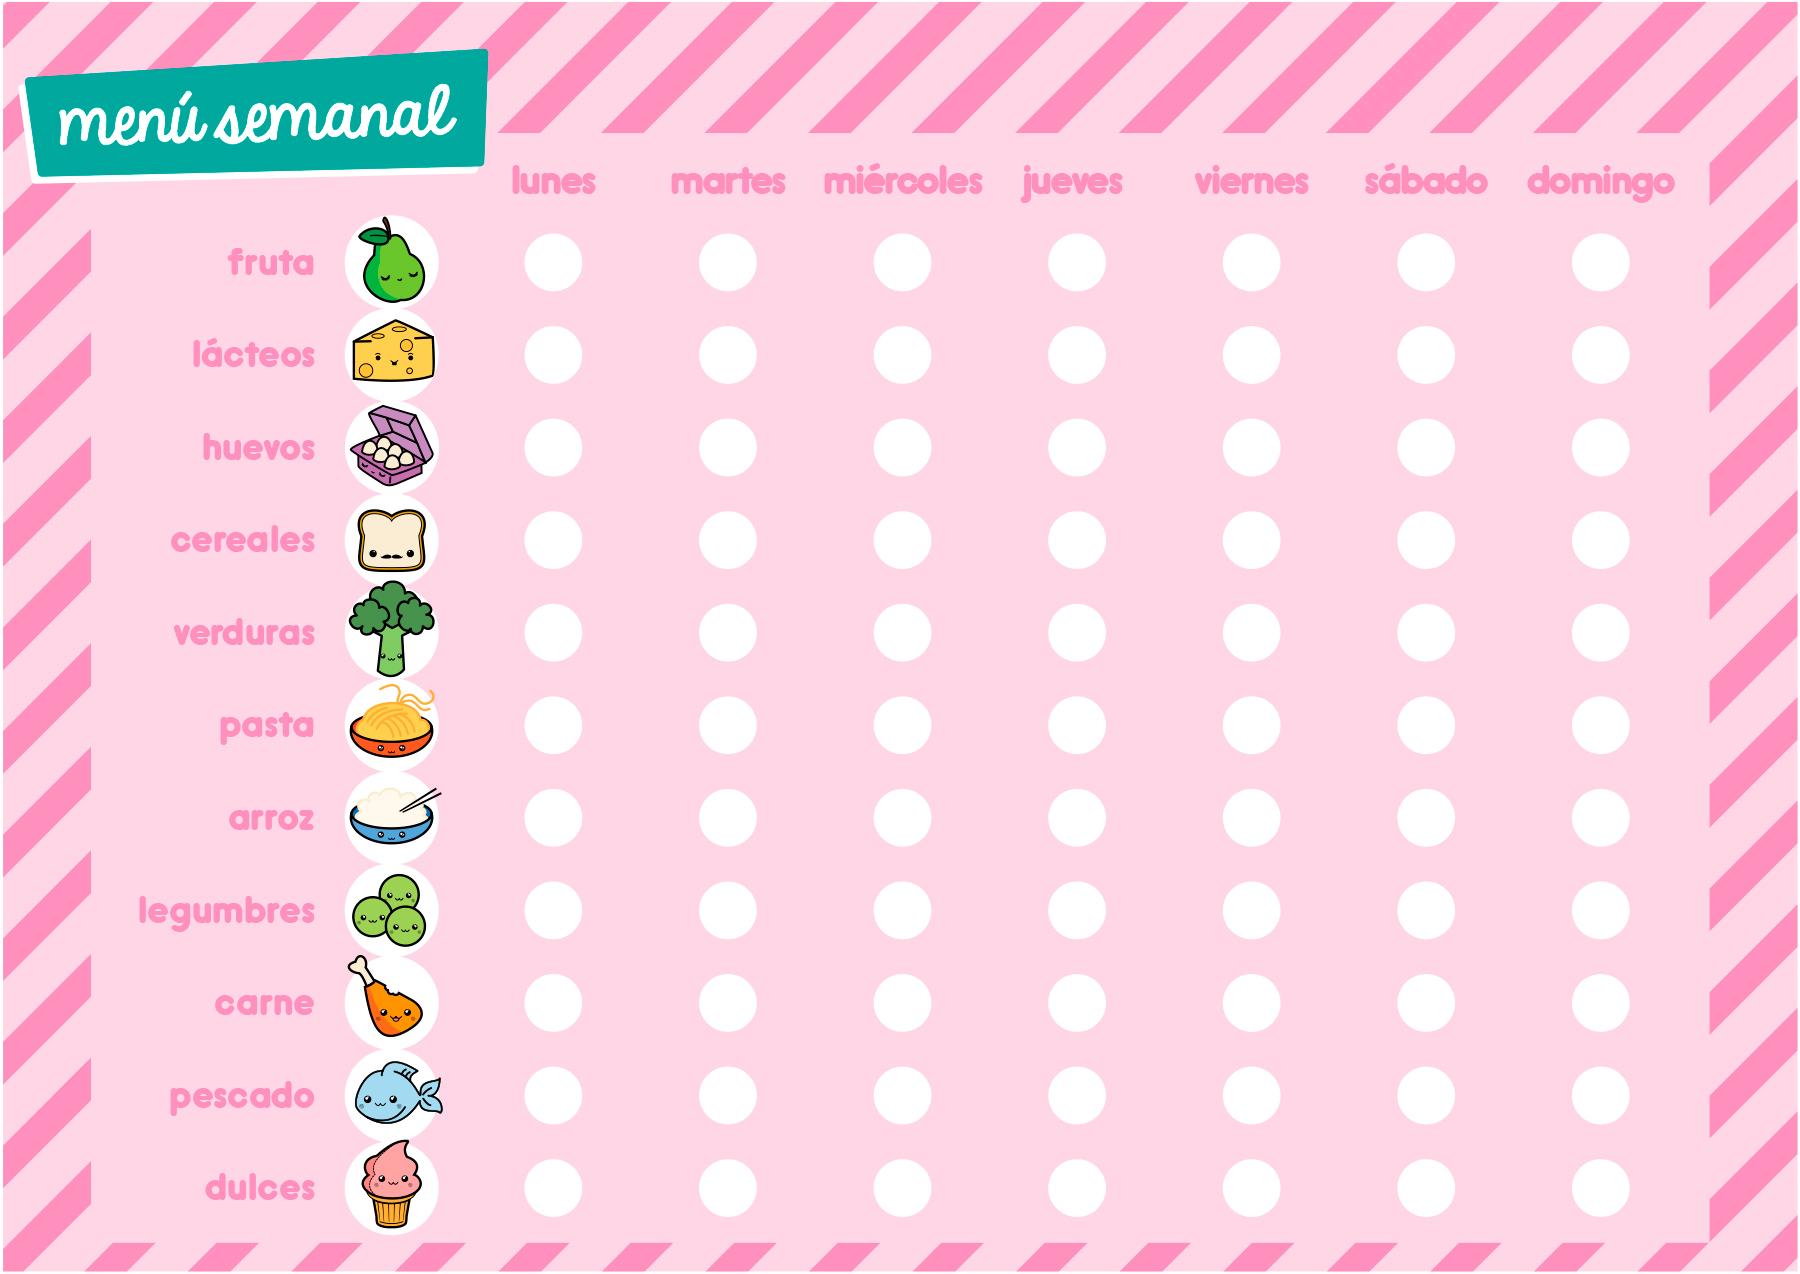 Menú semanal para apuntar las comidas, por Ahora soy mamá. Kawaii rosa